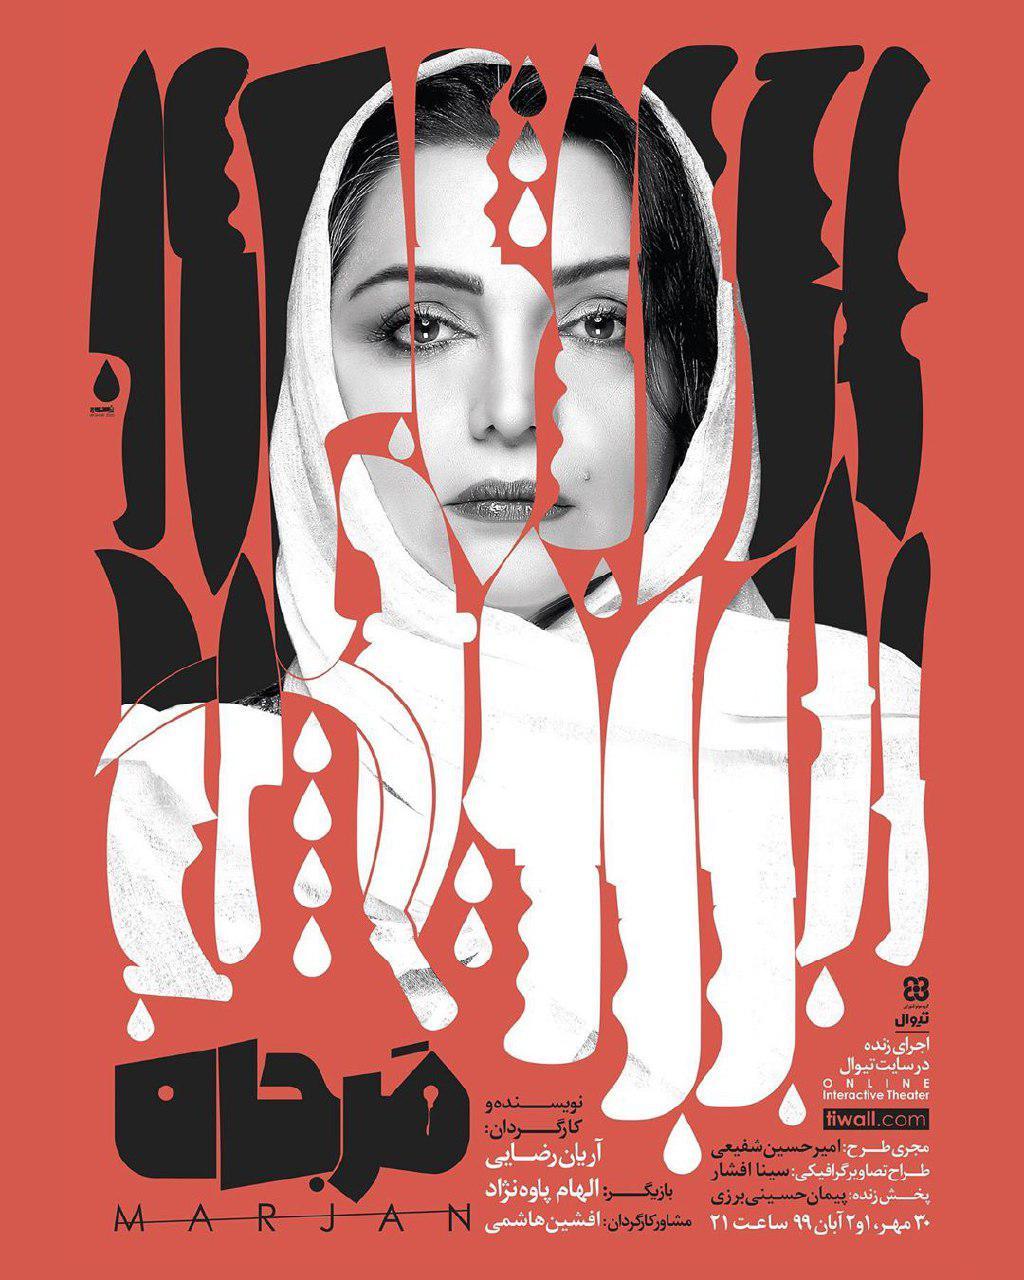 چهرهها/ الهام پاوه نژاد در پوستر تیٔاتر دیجیتالی مرجان